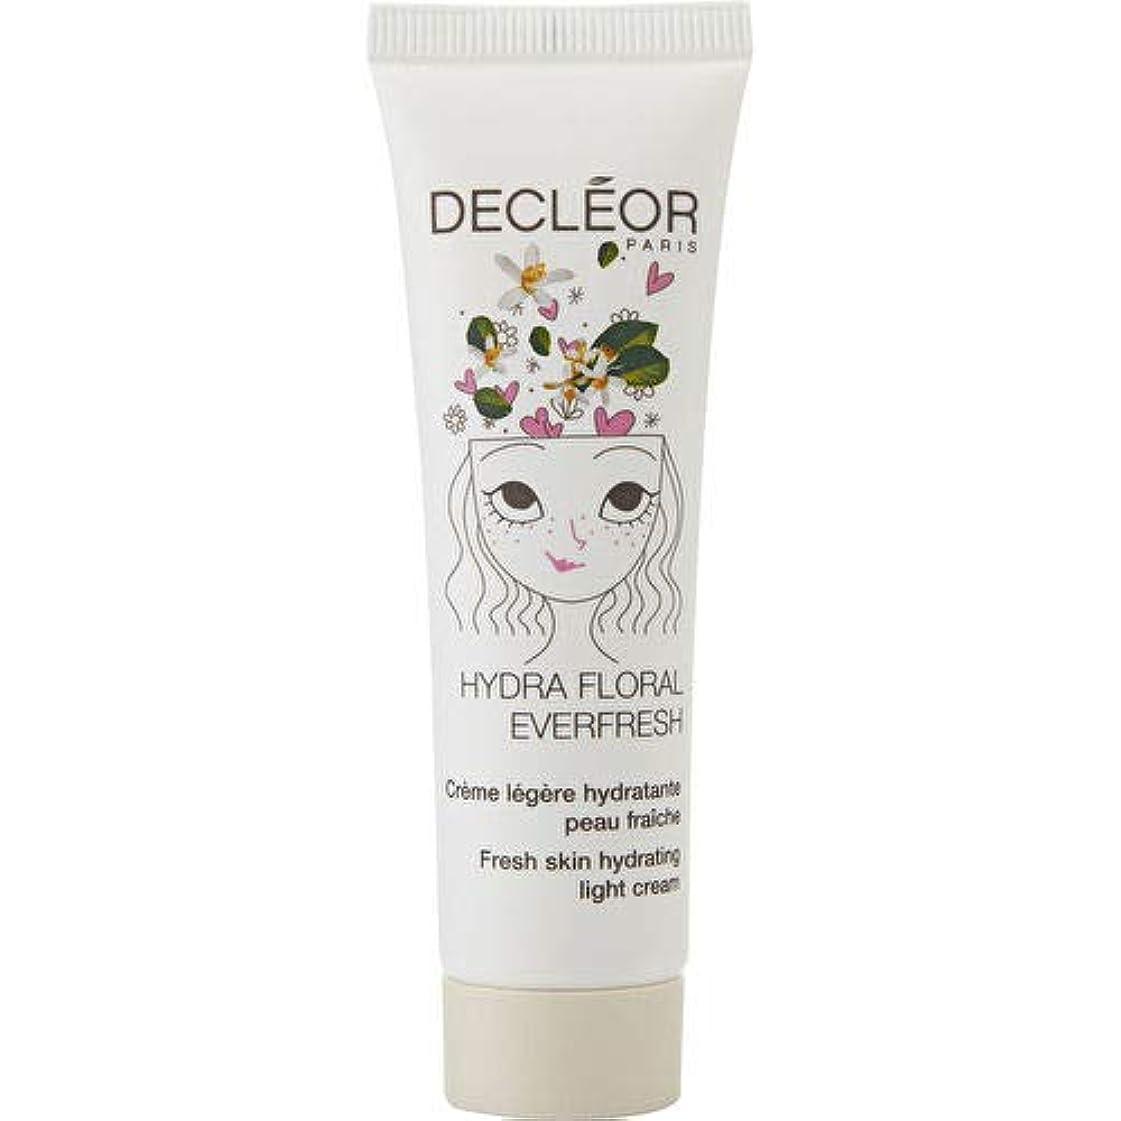 マイナー死傷者酔っ払いデクレオール Hydra Floral Everfresh Fresh Skin Hydrating Light Cream - For Dehydrated Skin 30ml/1oz並行輸入品